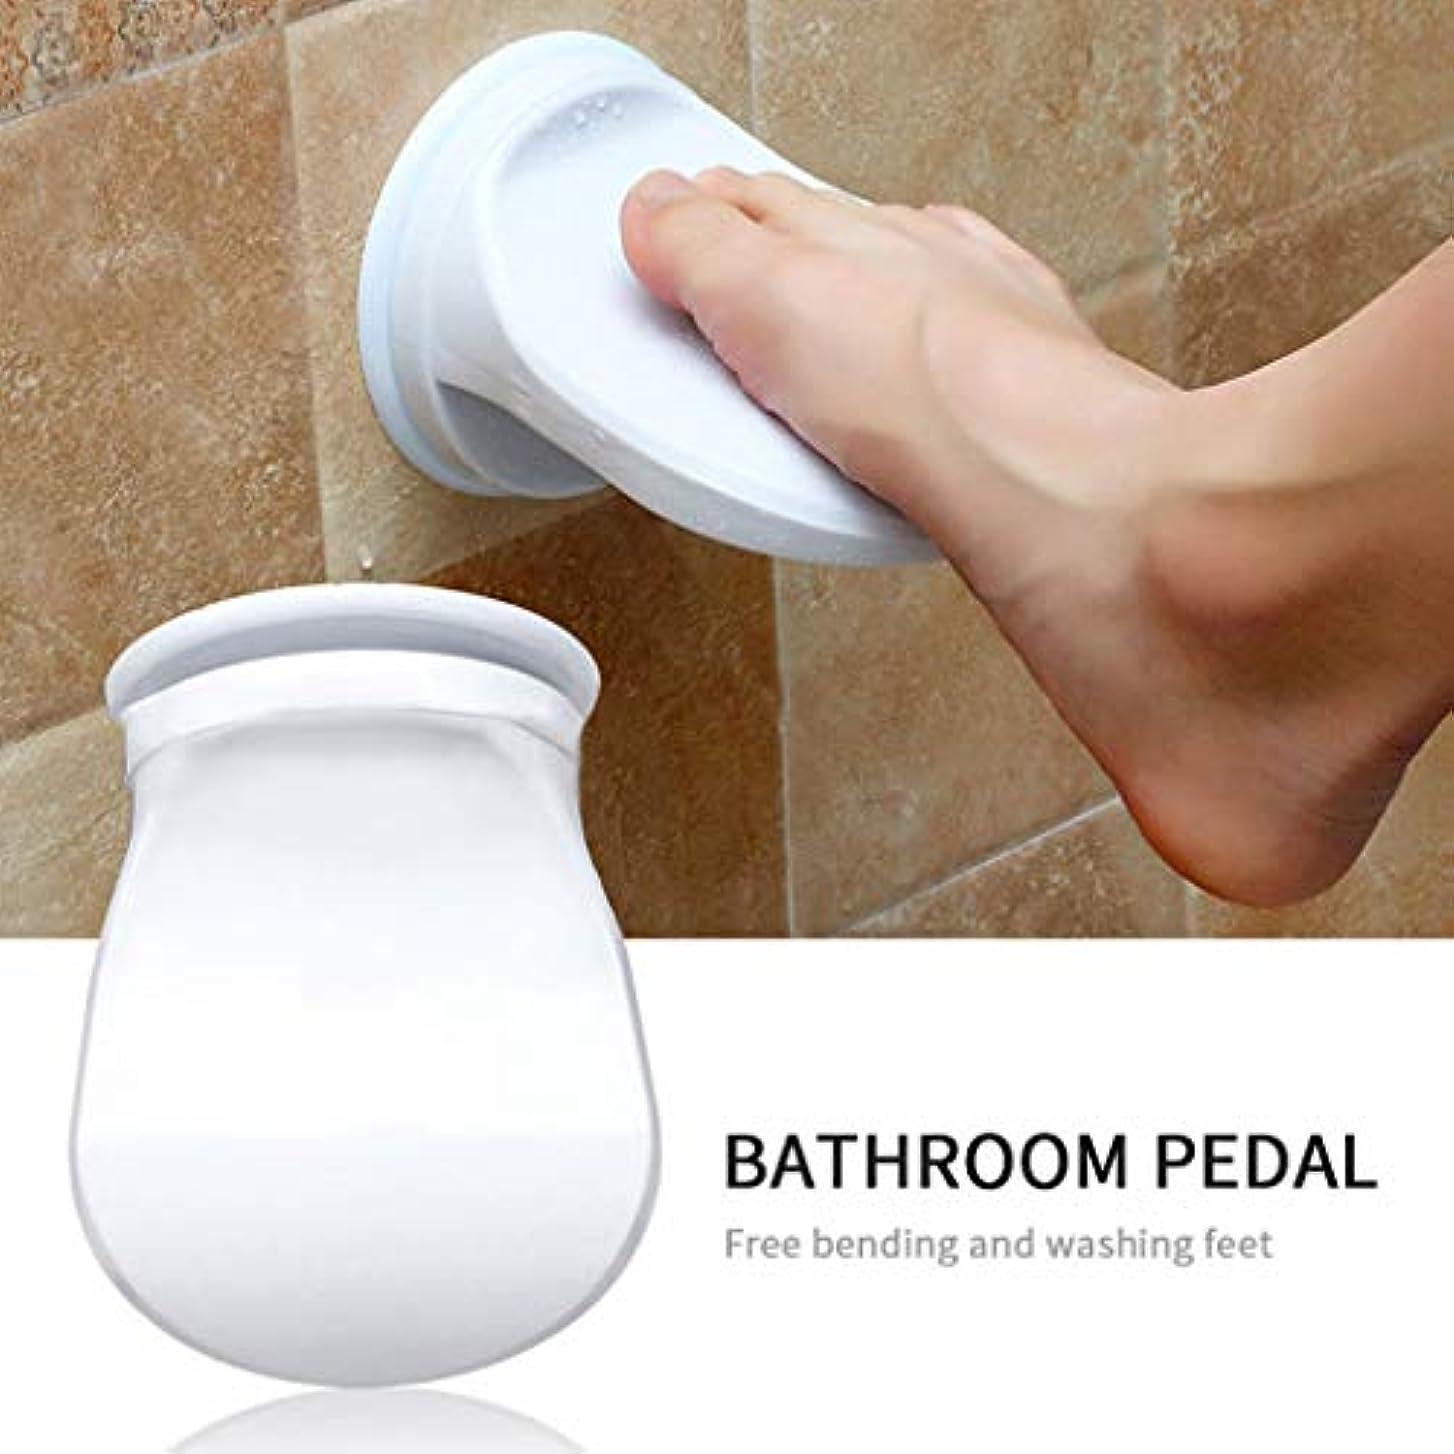 動脈自分購入シャワーフットレスト,Tichan 洗濯シェービングレッグバスルームシャワー節約フットレストノンスリップ吸引カップ